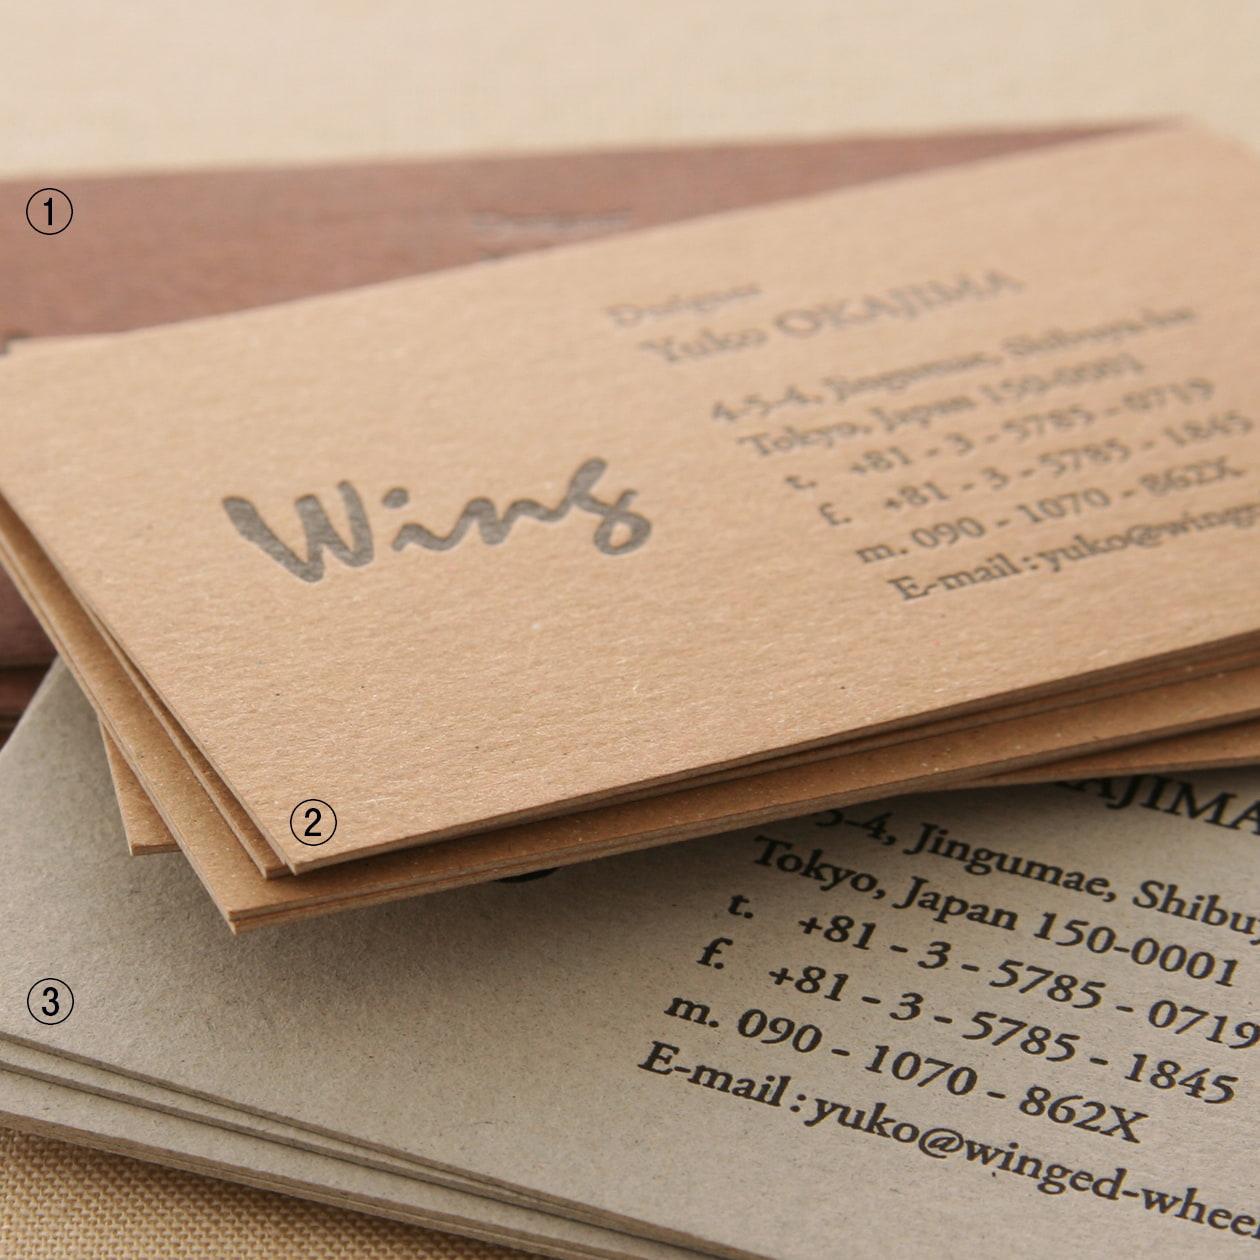 自然な風合いと厚みが魅力、ボード紙名刺・ショップカード